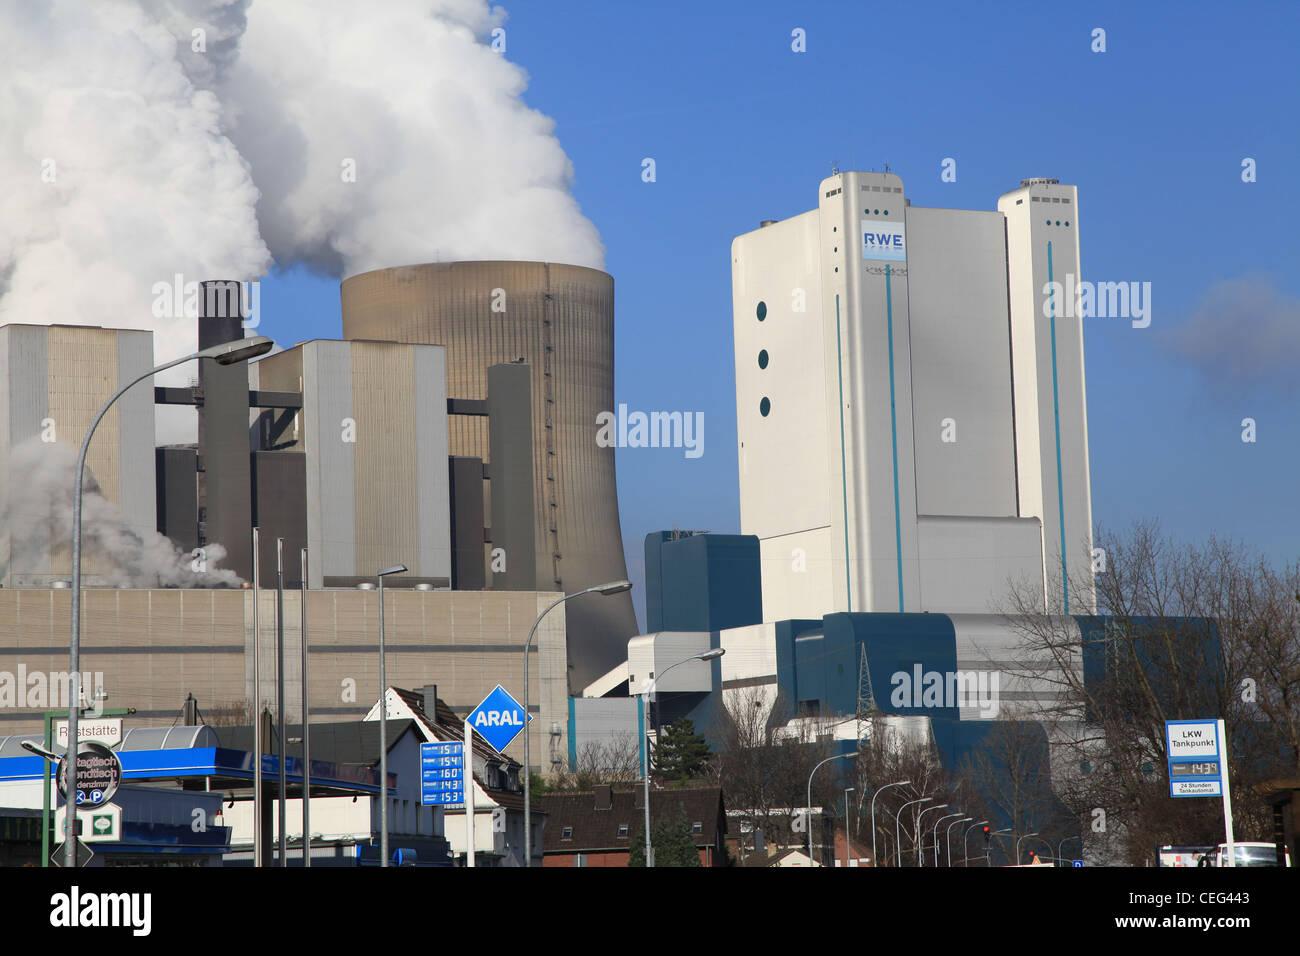 Braunkohle Kraftwerk, Power Station, Power Plant, Elektrizität, Germany, Deutschland, Sonne, blauer Himmel, - Stock Image